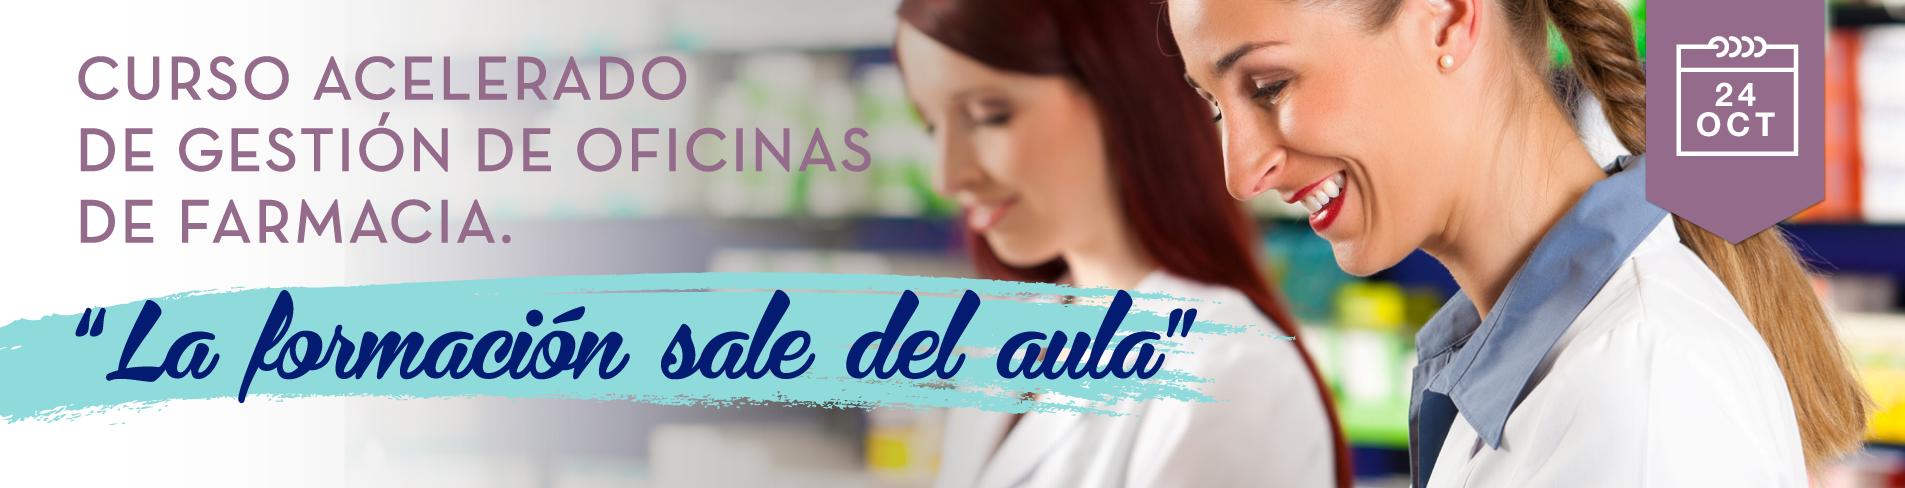 imagen-2-cabecera-curso-acelerado-gestion-oficinas-farmacia